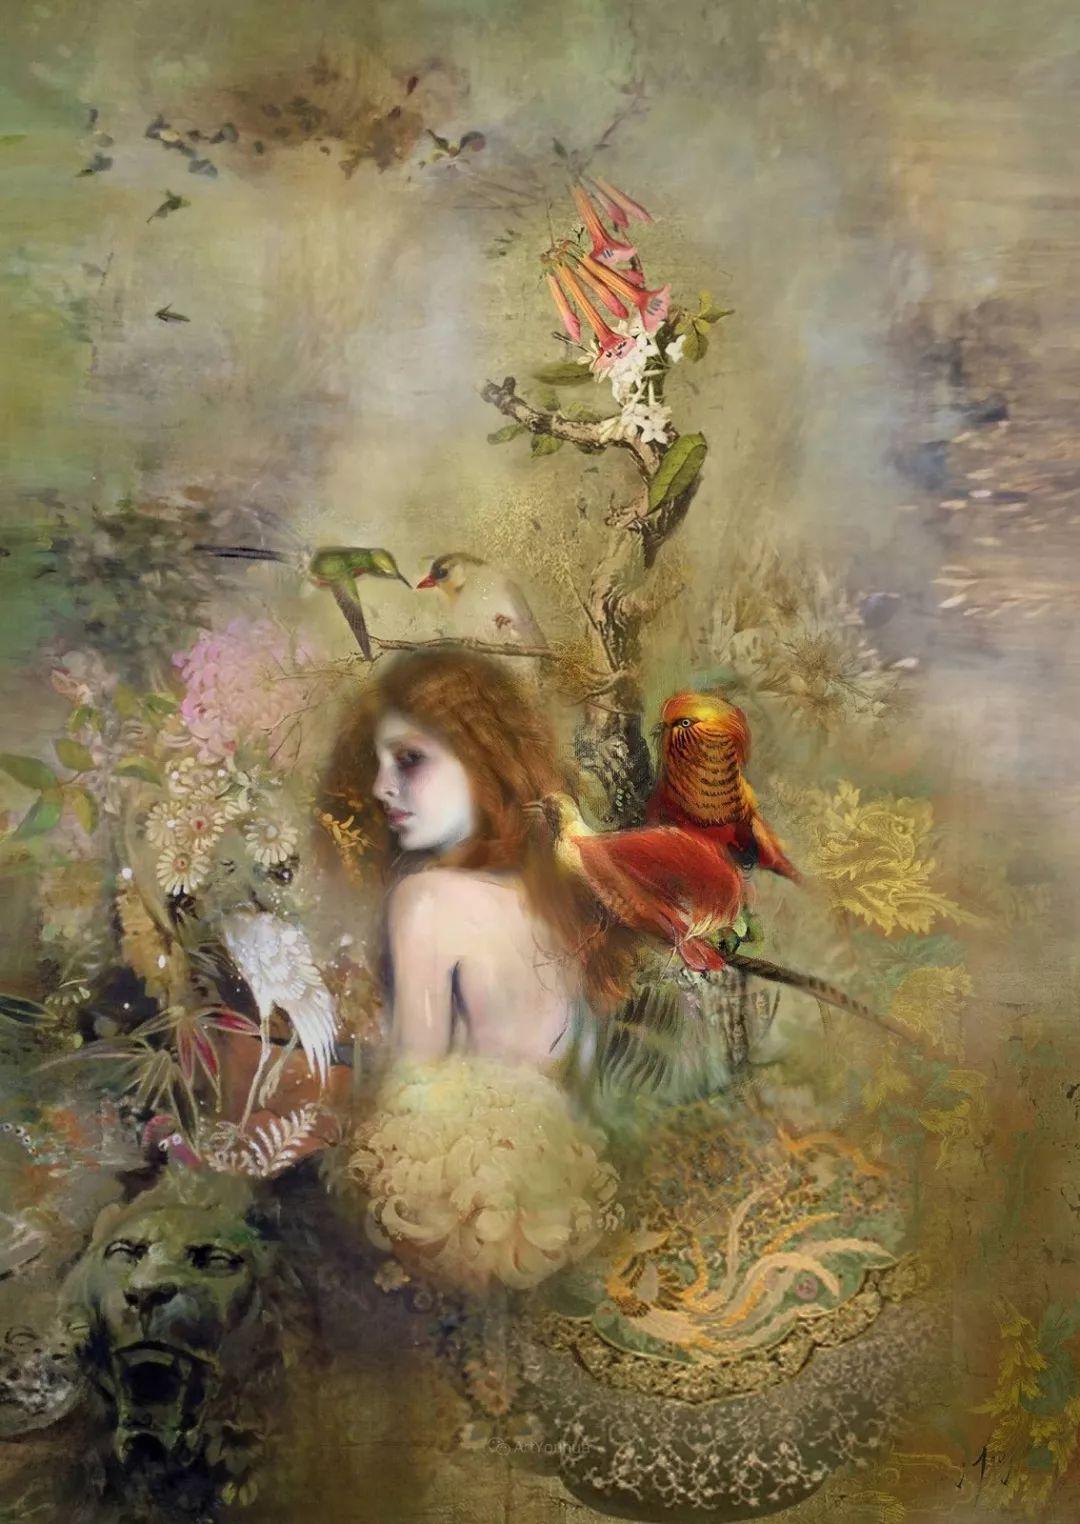 传统绘画与后现代元素的结合,英国画家伊娃·特洛伊插图10